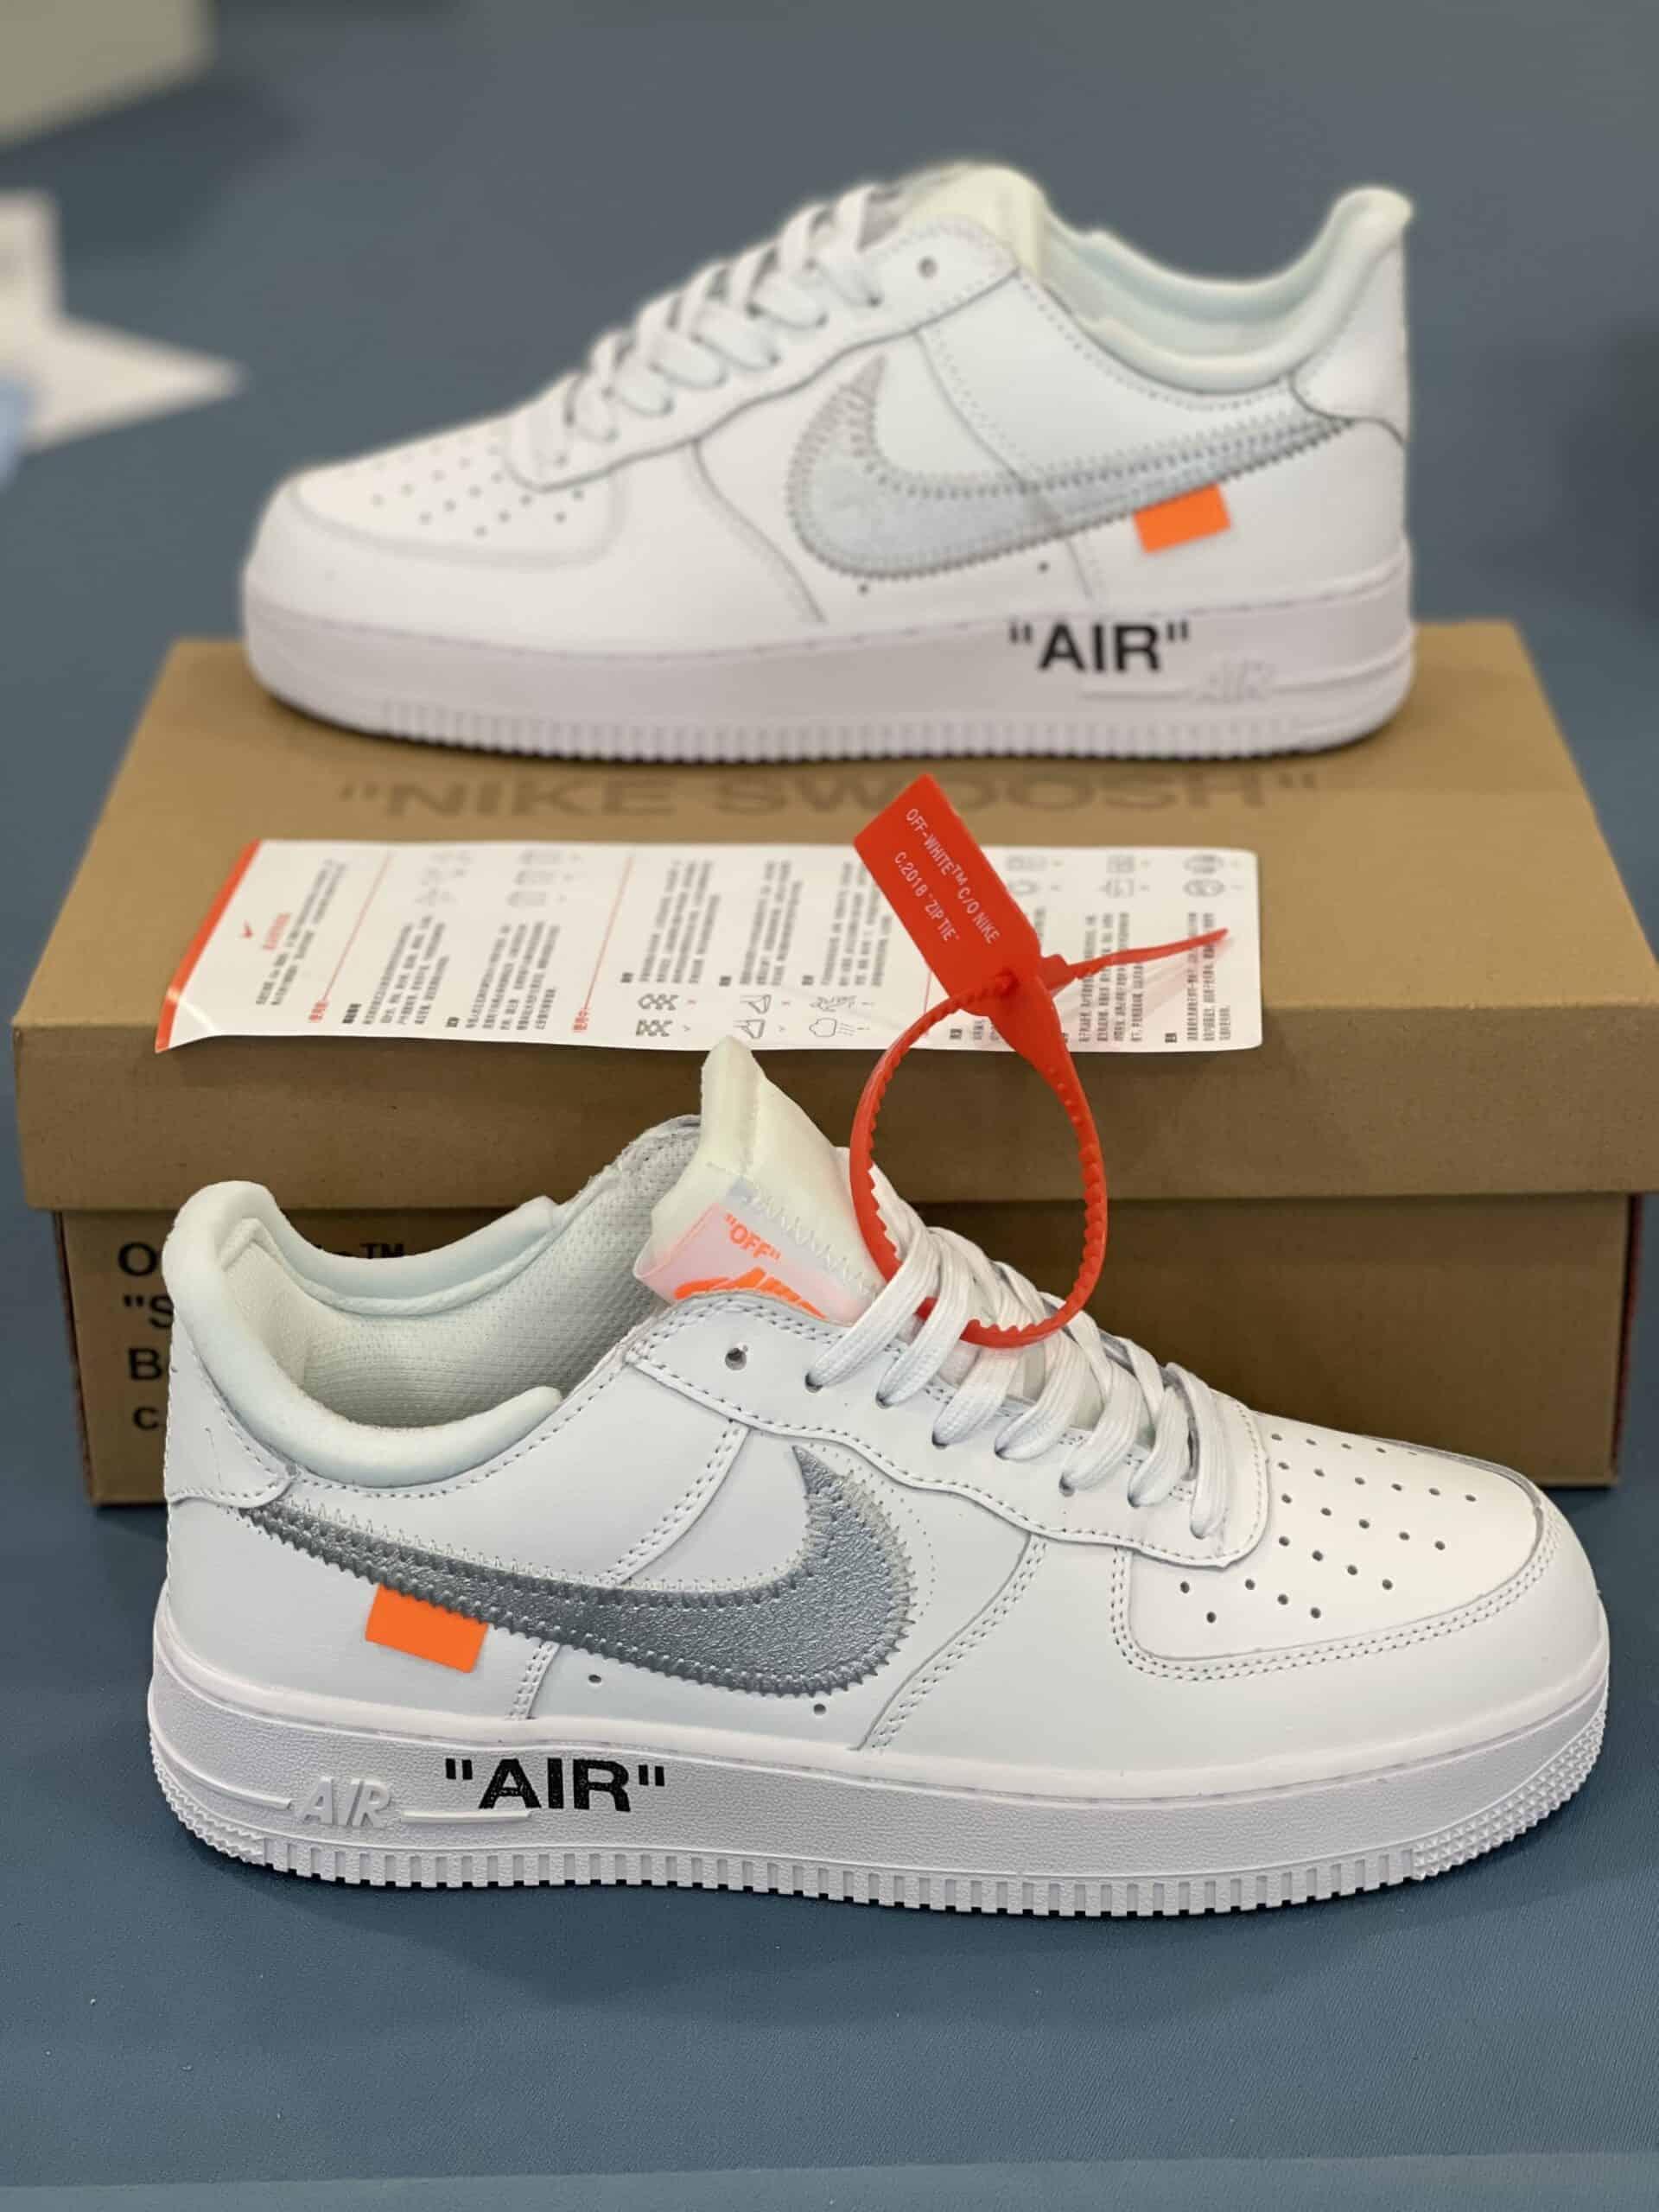 Nike Air Force 1 Tích Bạc Rep 1:1 thiết kế thời thượng